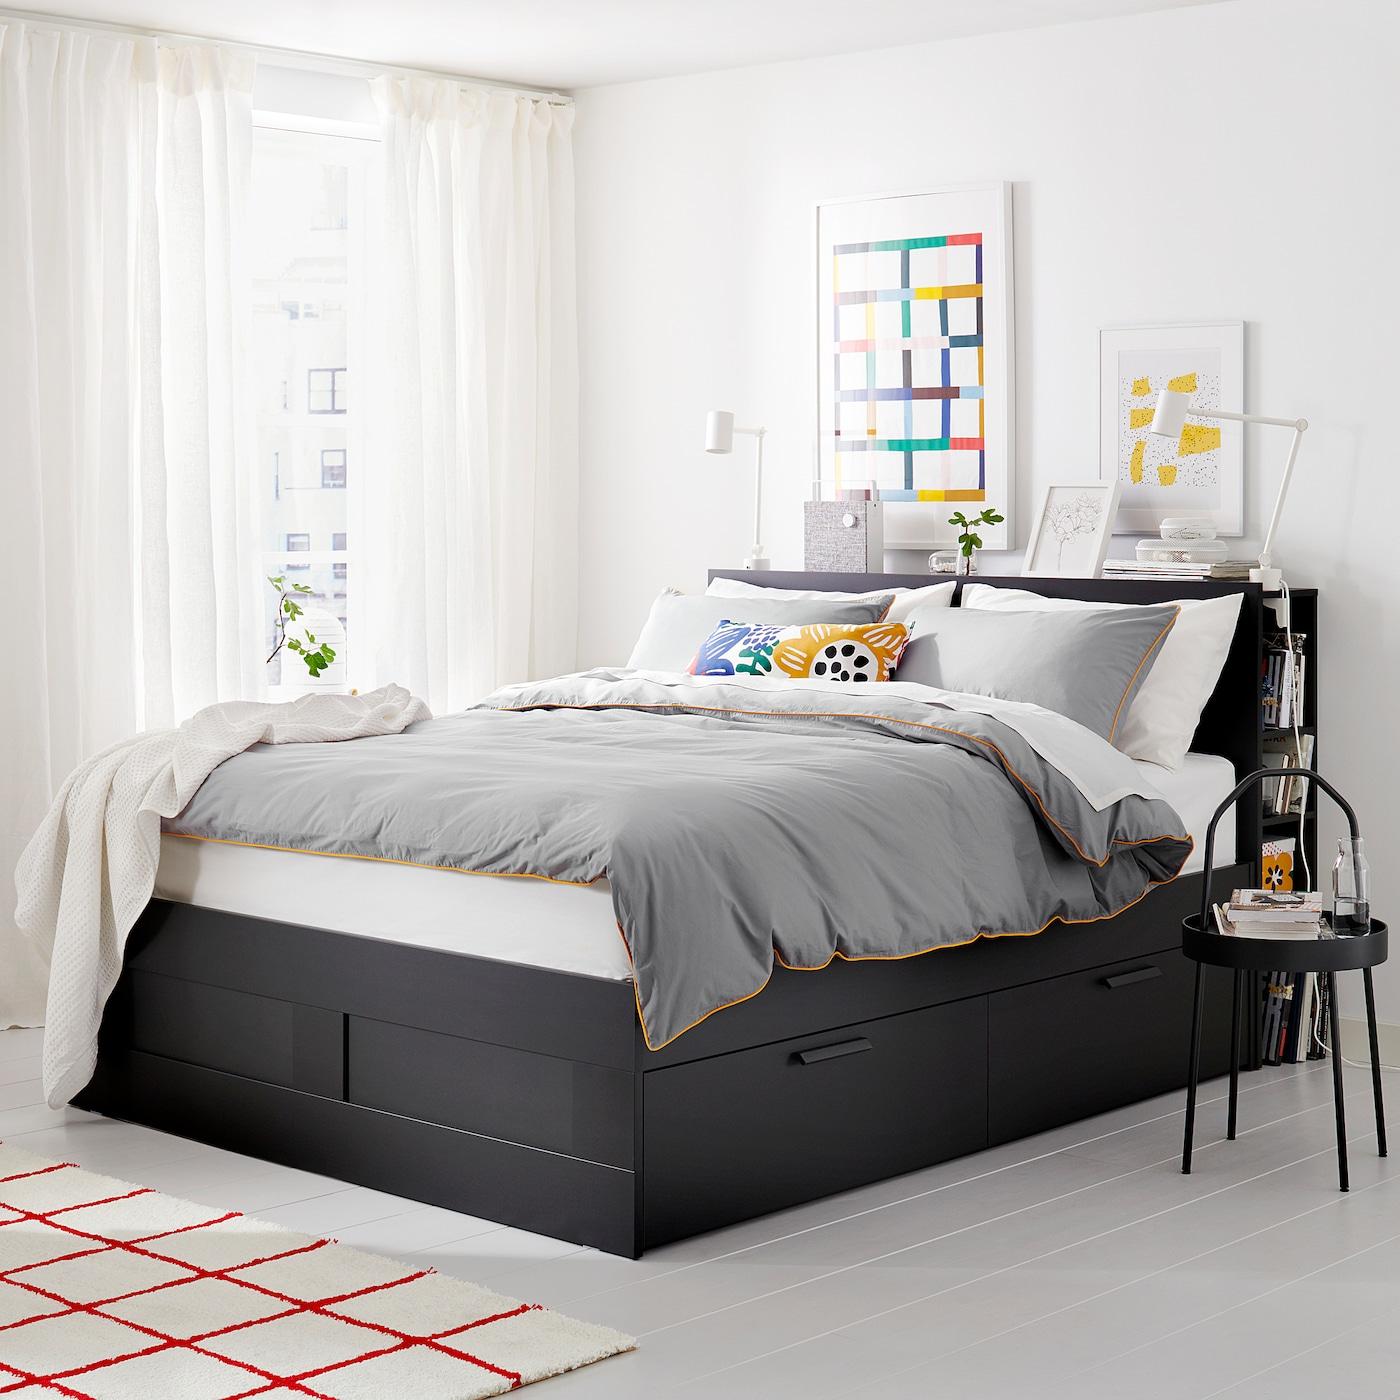 brimnes cadre de lit rangement tete de lit noir luroy 180x200 cm